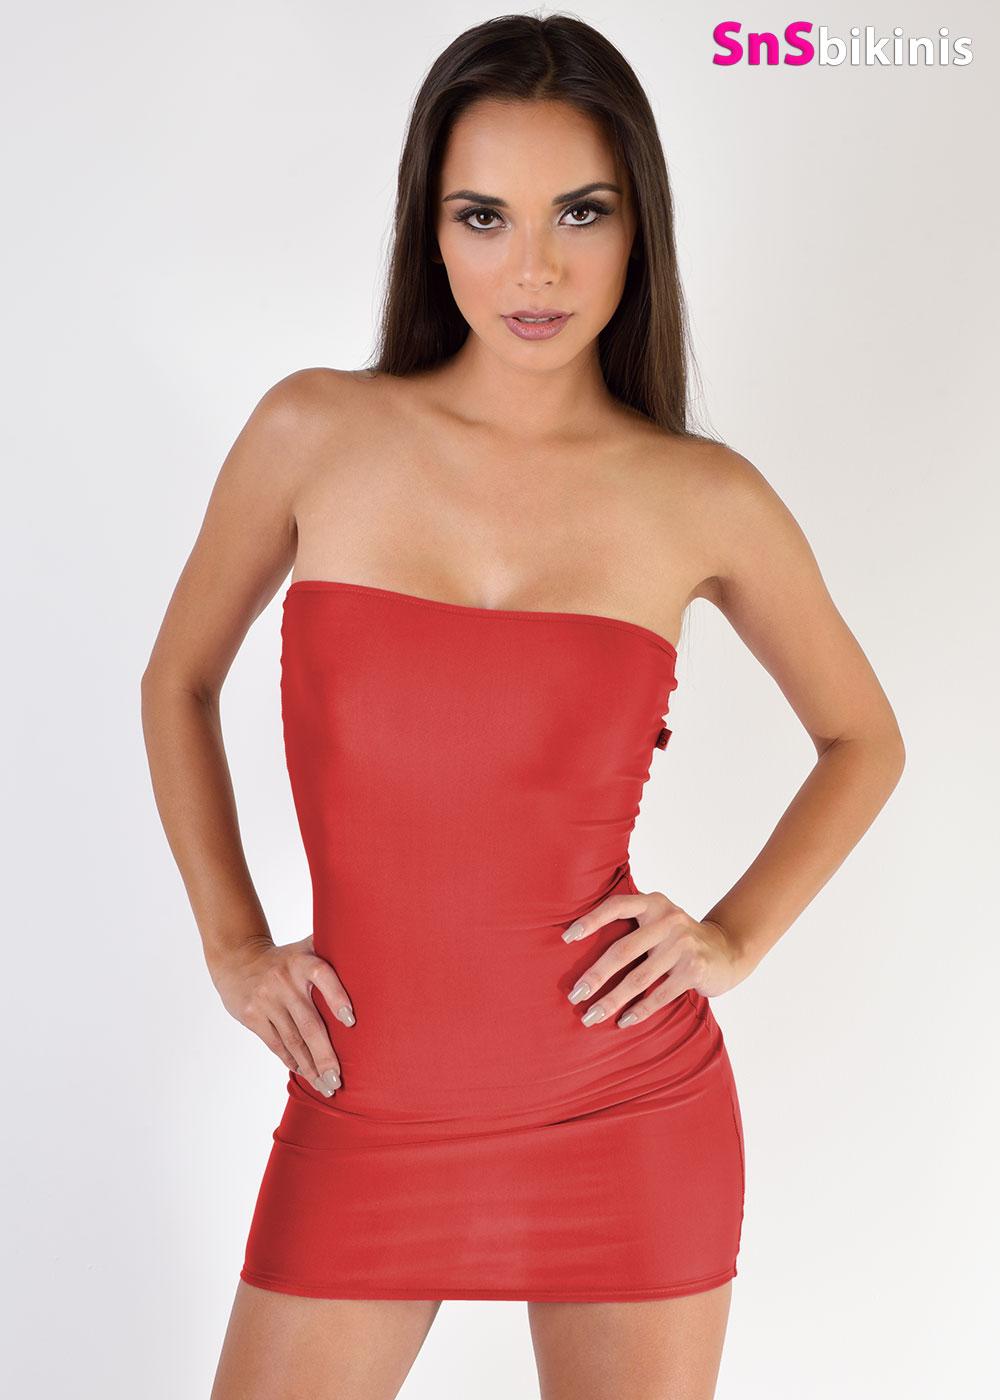 Brandy Hot Strapless Tight Dress Strdrs18001 81 00